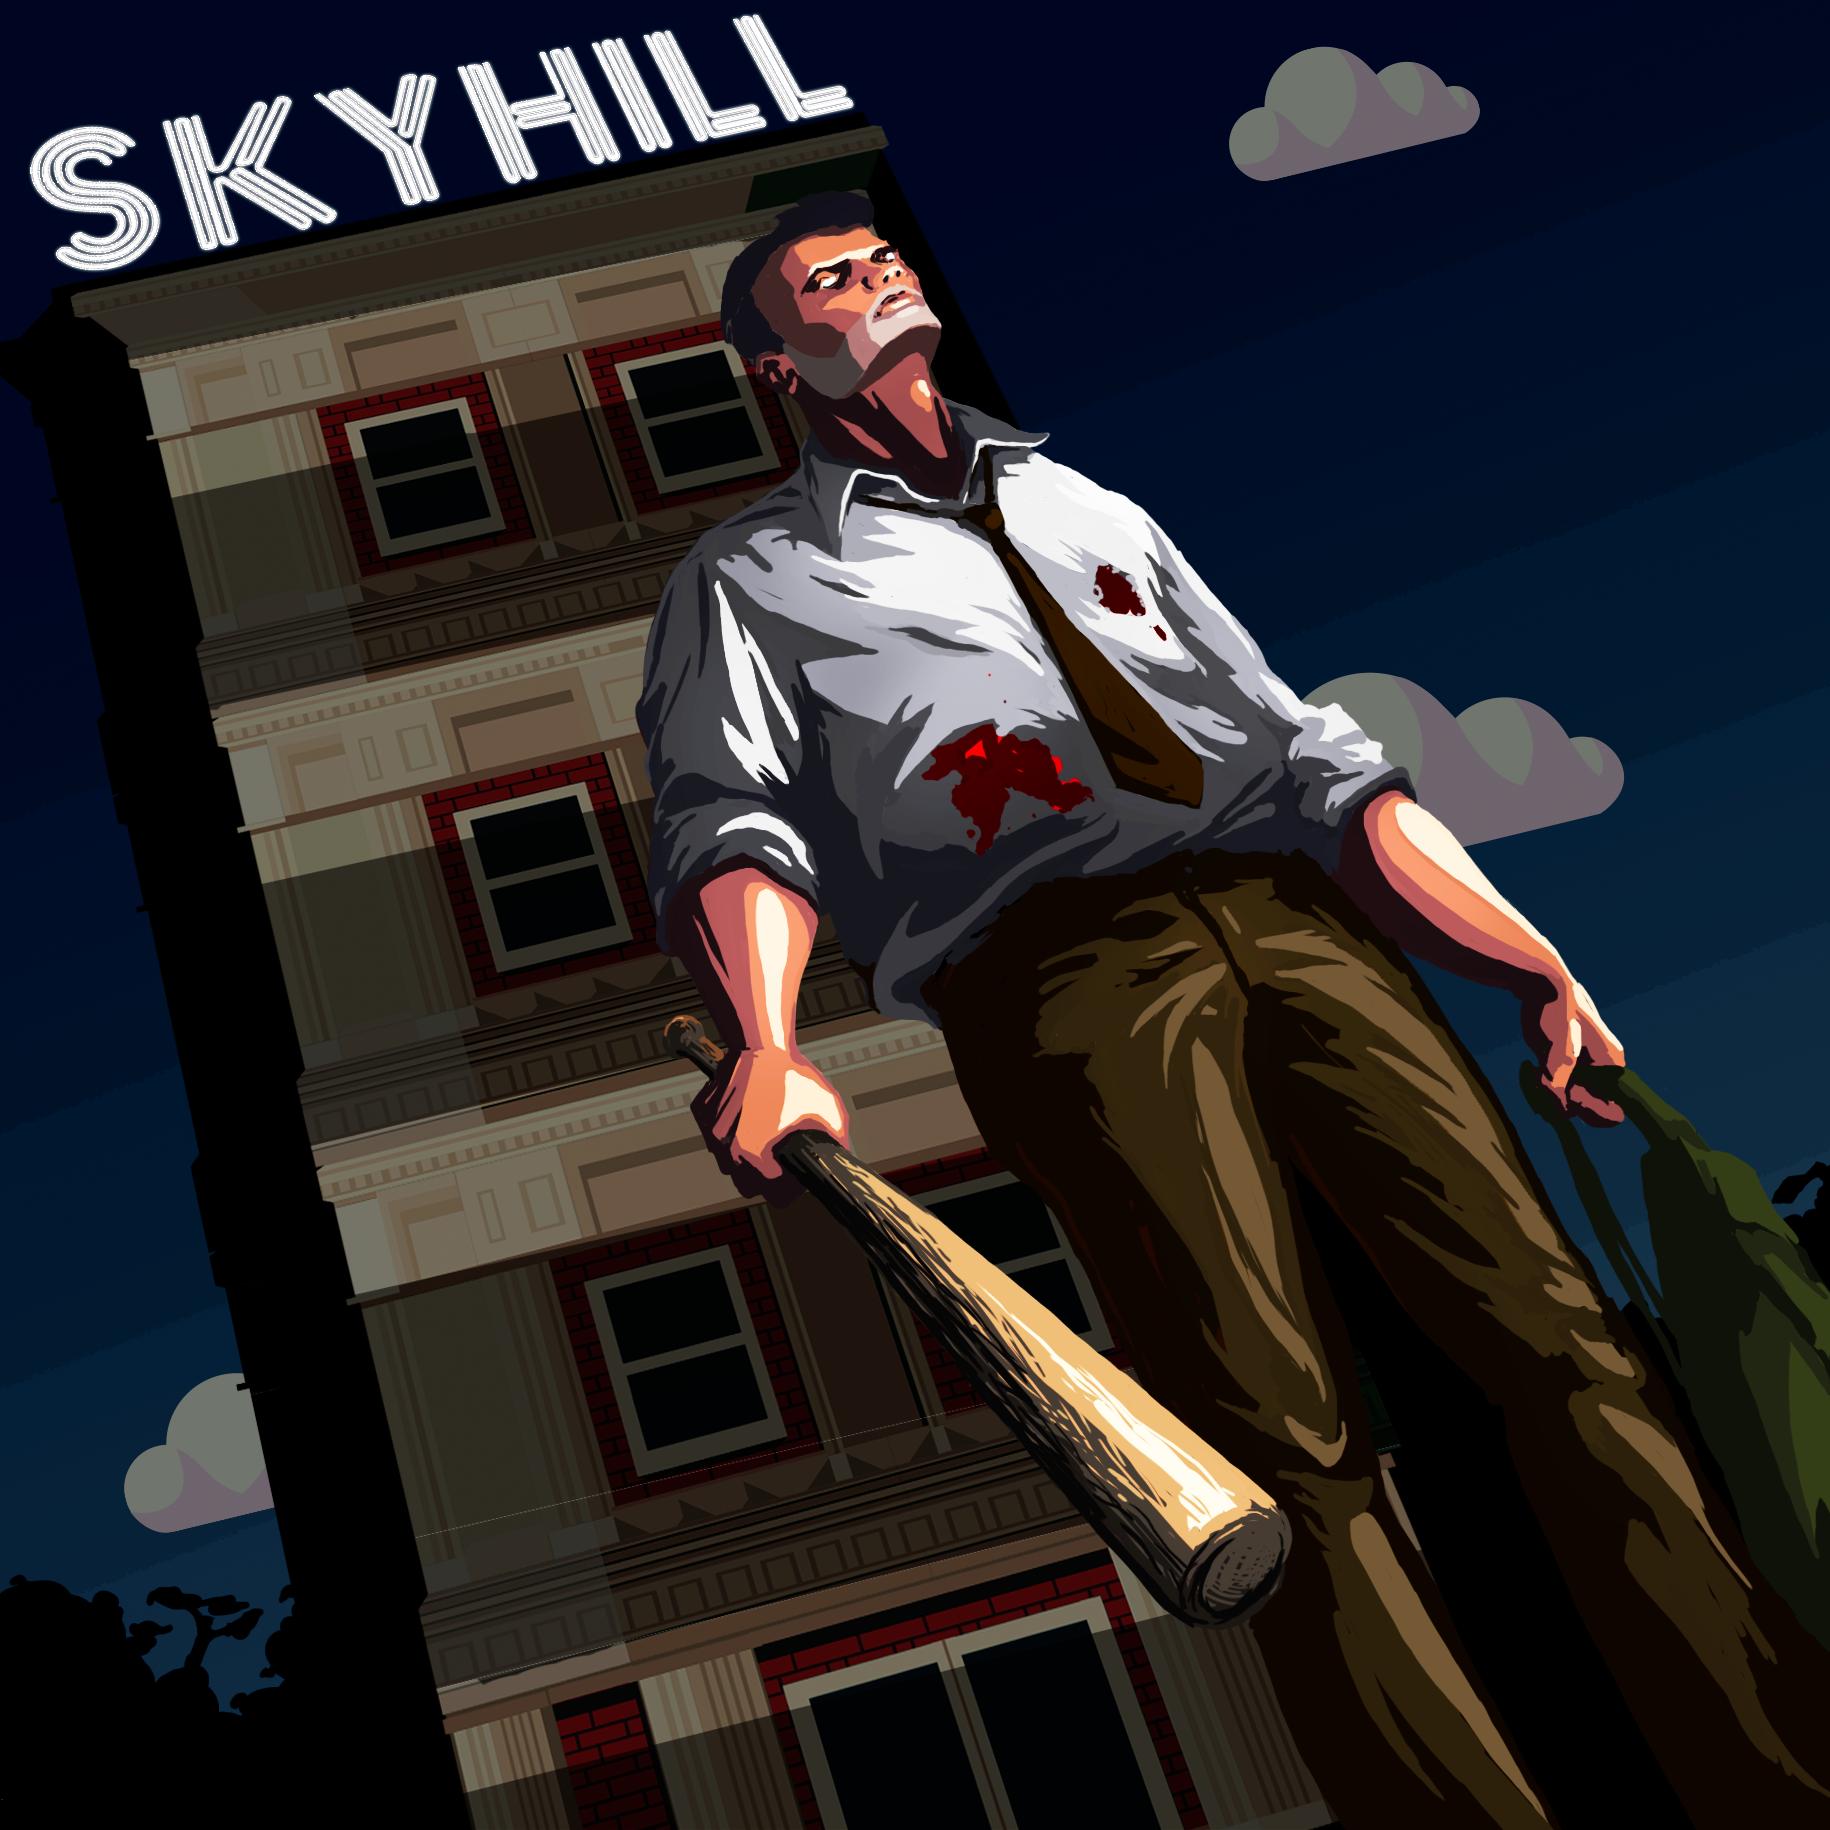 Skyhill - Продолжаем путь. - Изображение 1